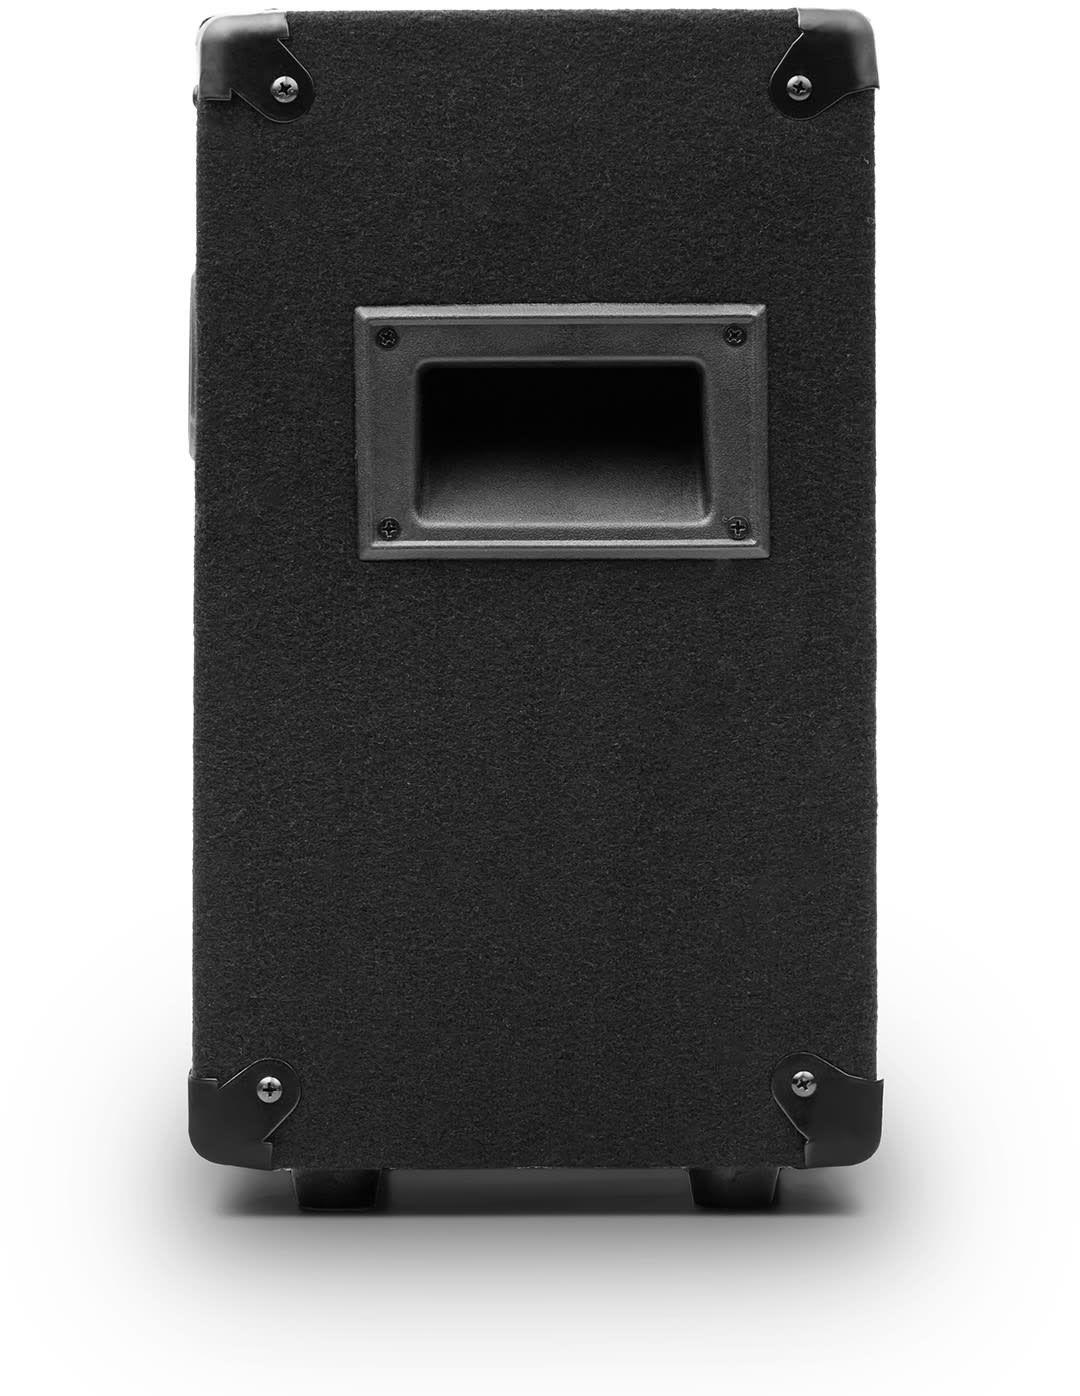 Auna Pro PW-0622 MKII, para pasywnych 2-drożnych kolumn nagłośnieniowych, 6,5-calowy subwoofer, 125 W